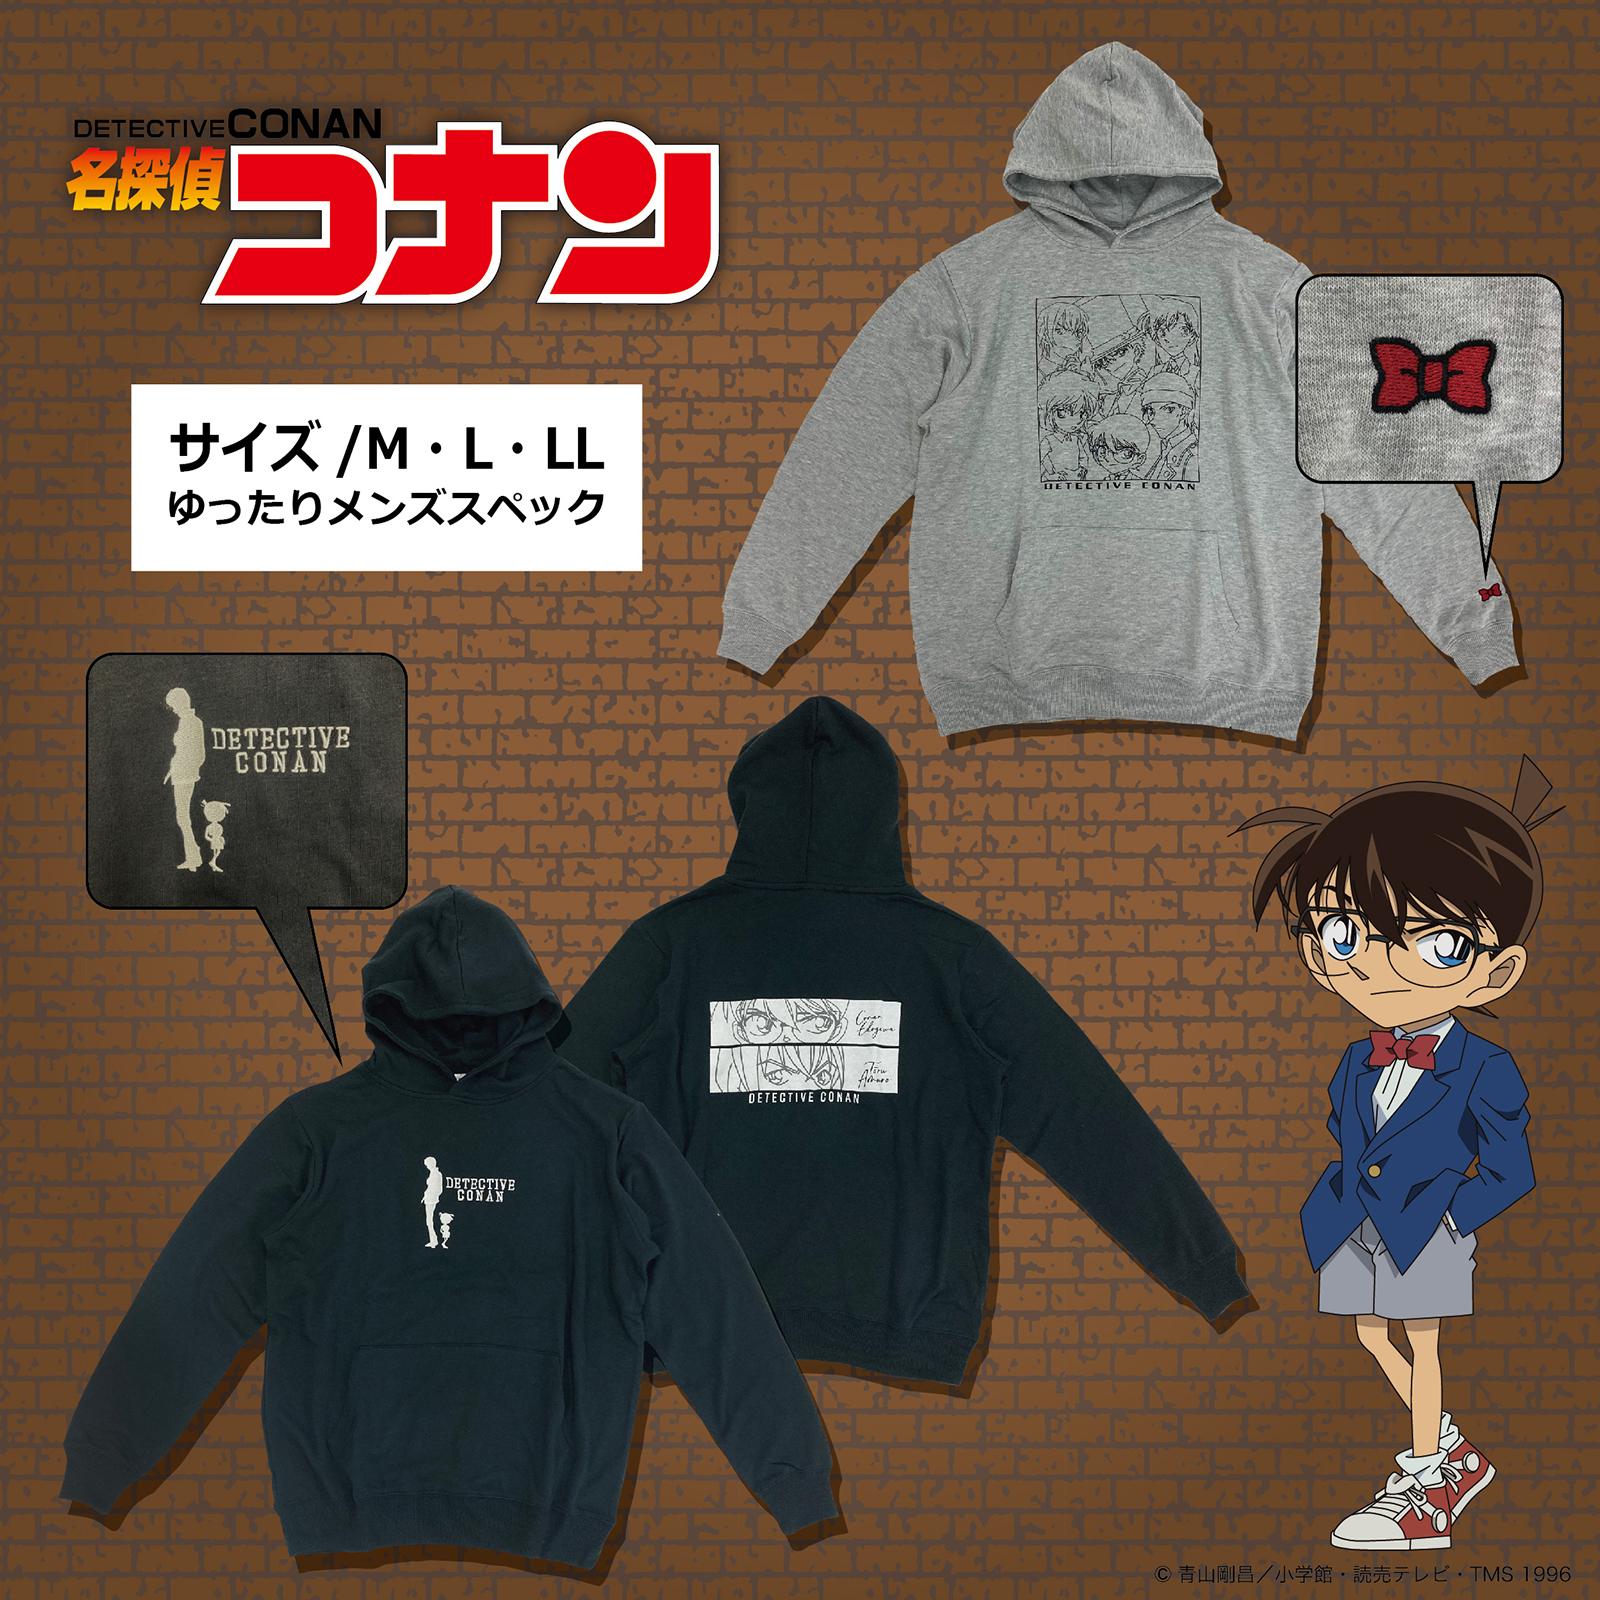 「名探偵コナン×ドンキ」コラボパーカー10月16日に発売!赤井や安室らがプリント